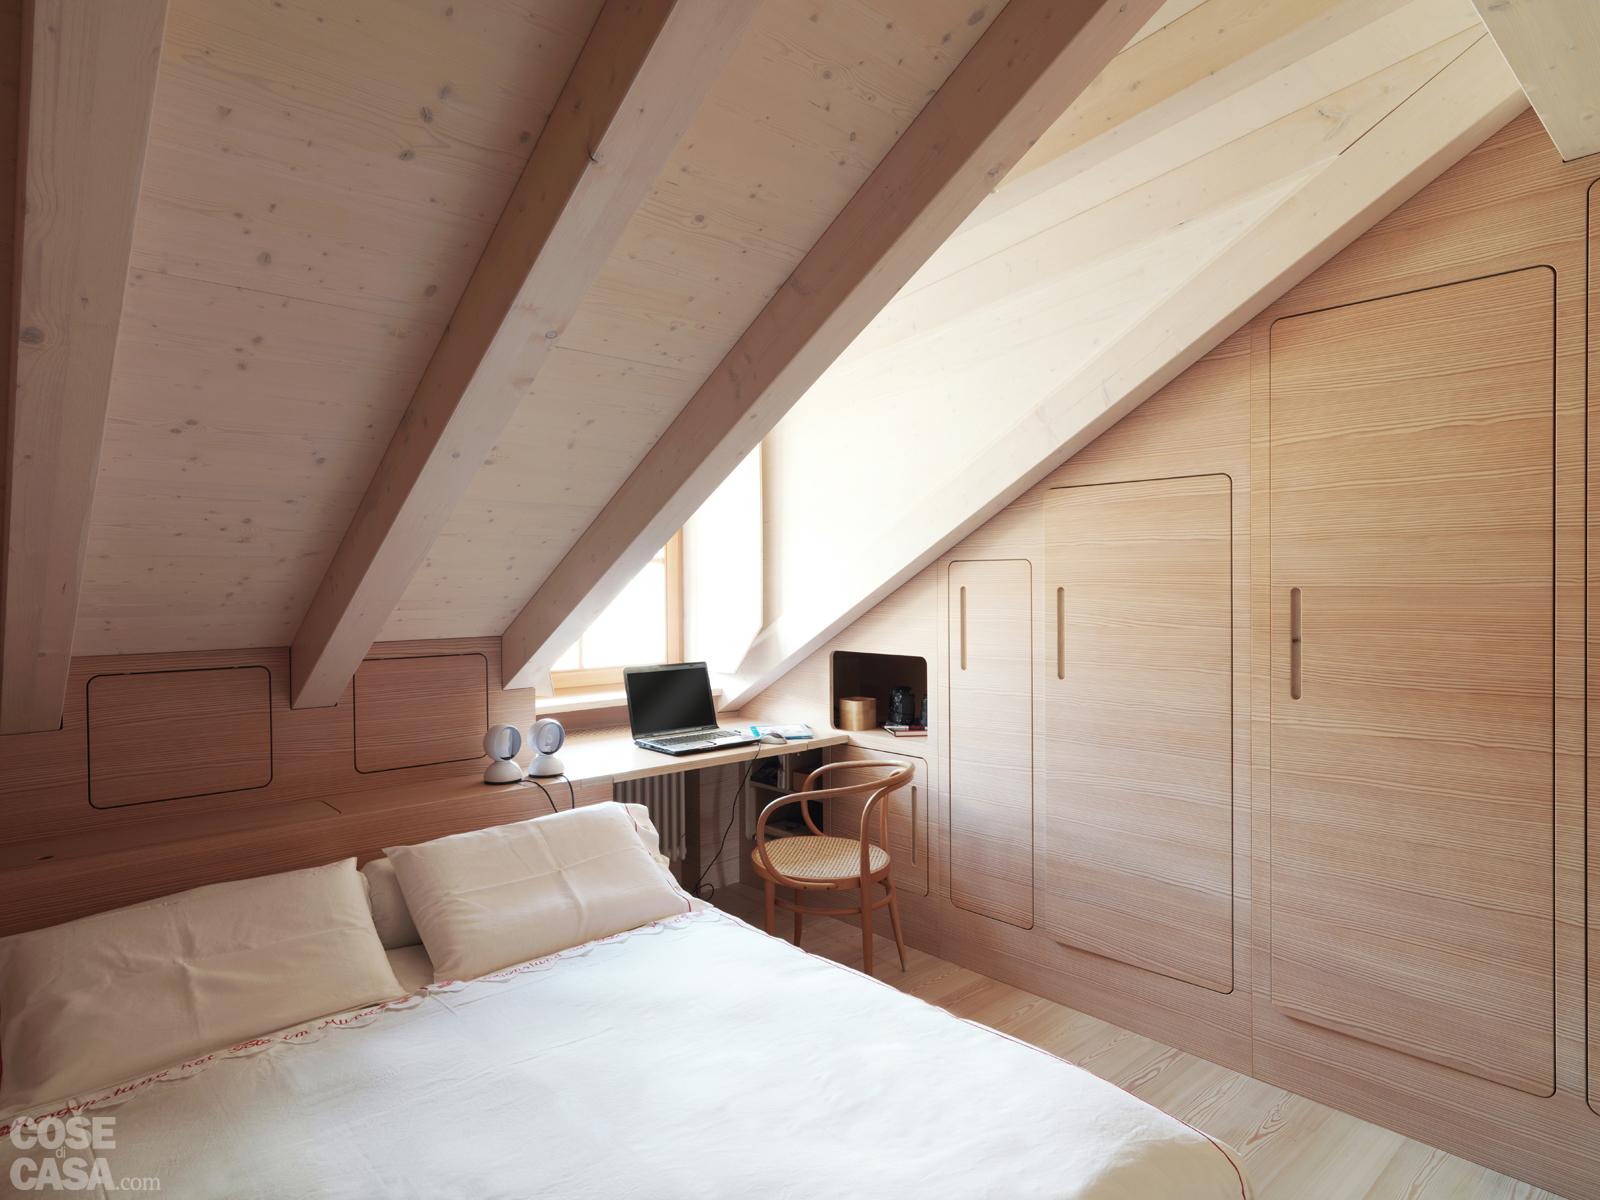 Come ricavare cabina armadio da tetto mansardato